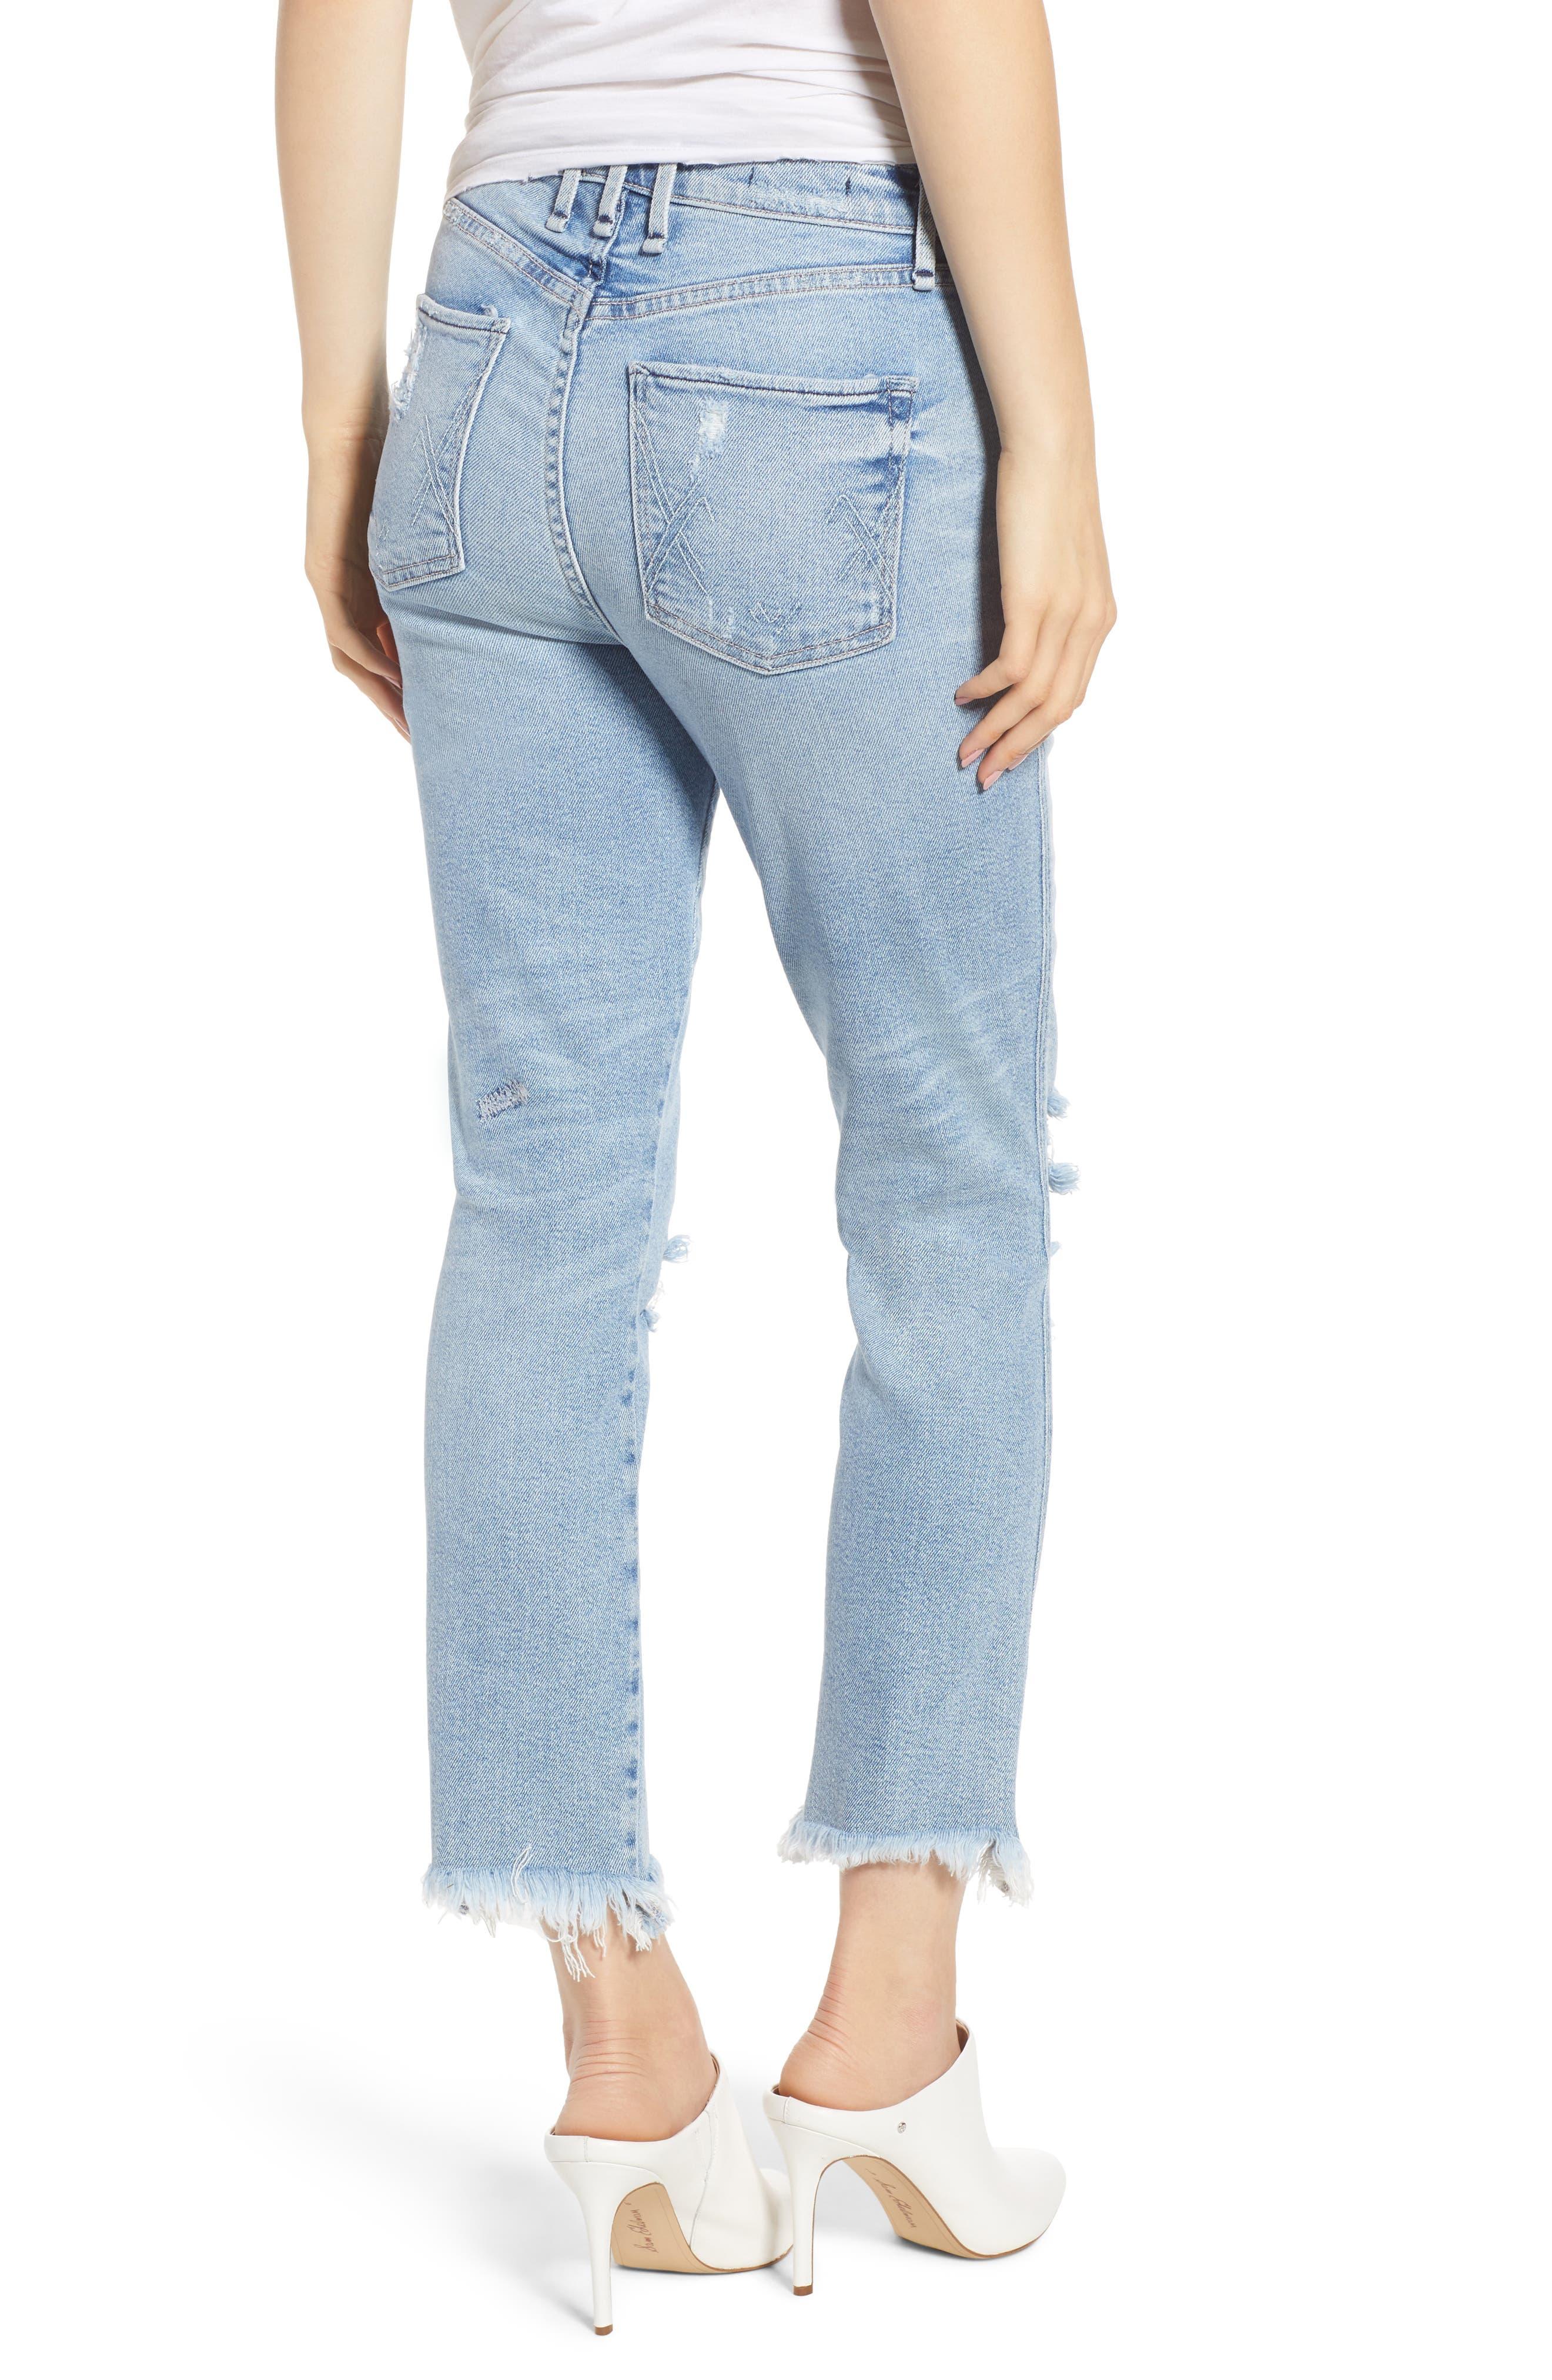 Valetta High Waist Crop Straight Leg Jeans by Mcguire